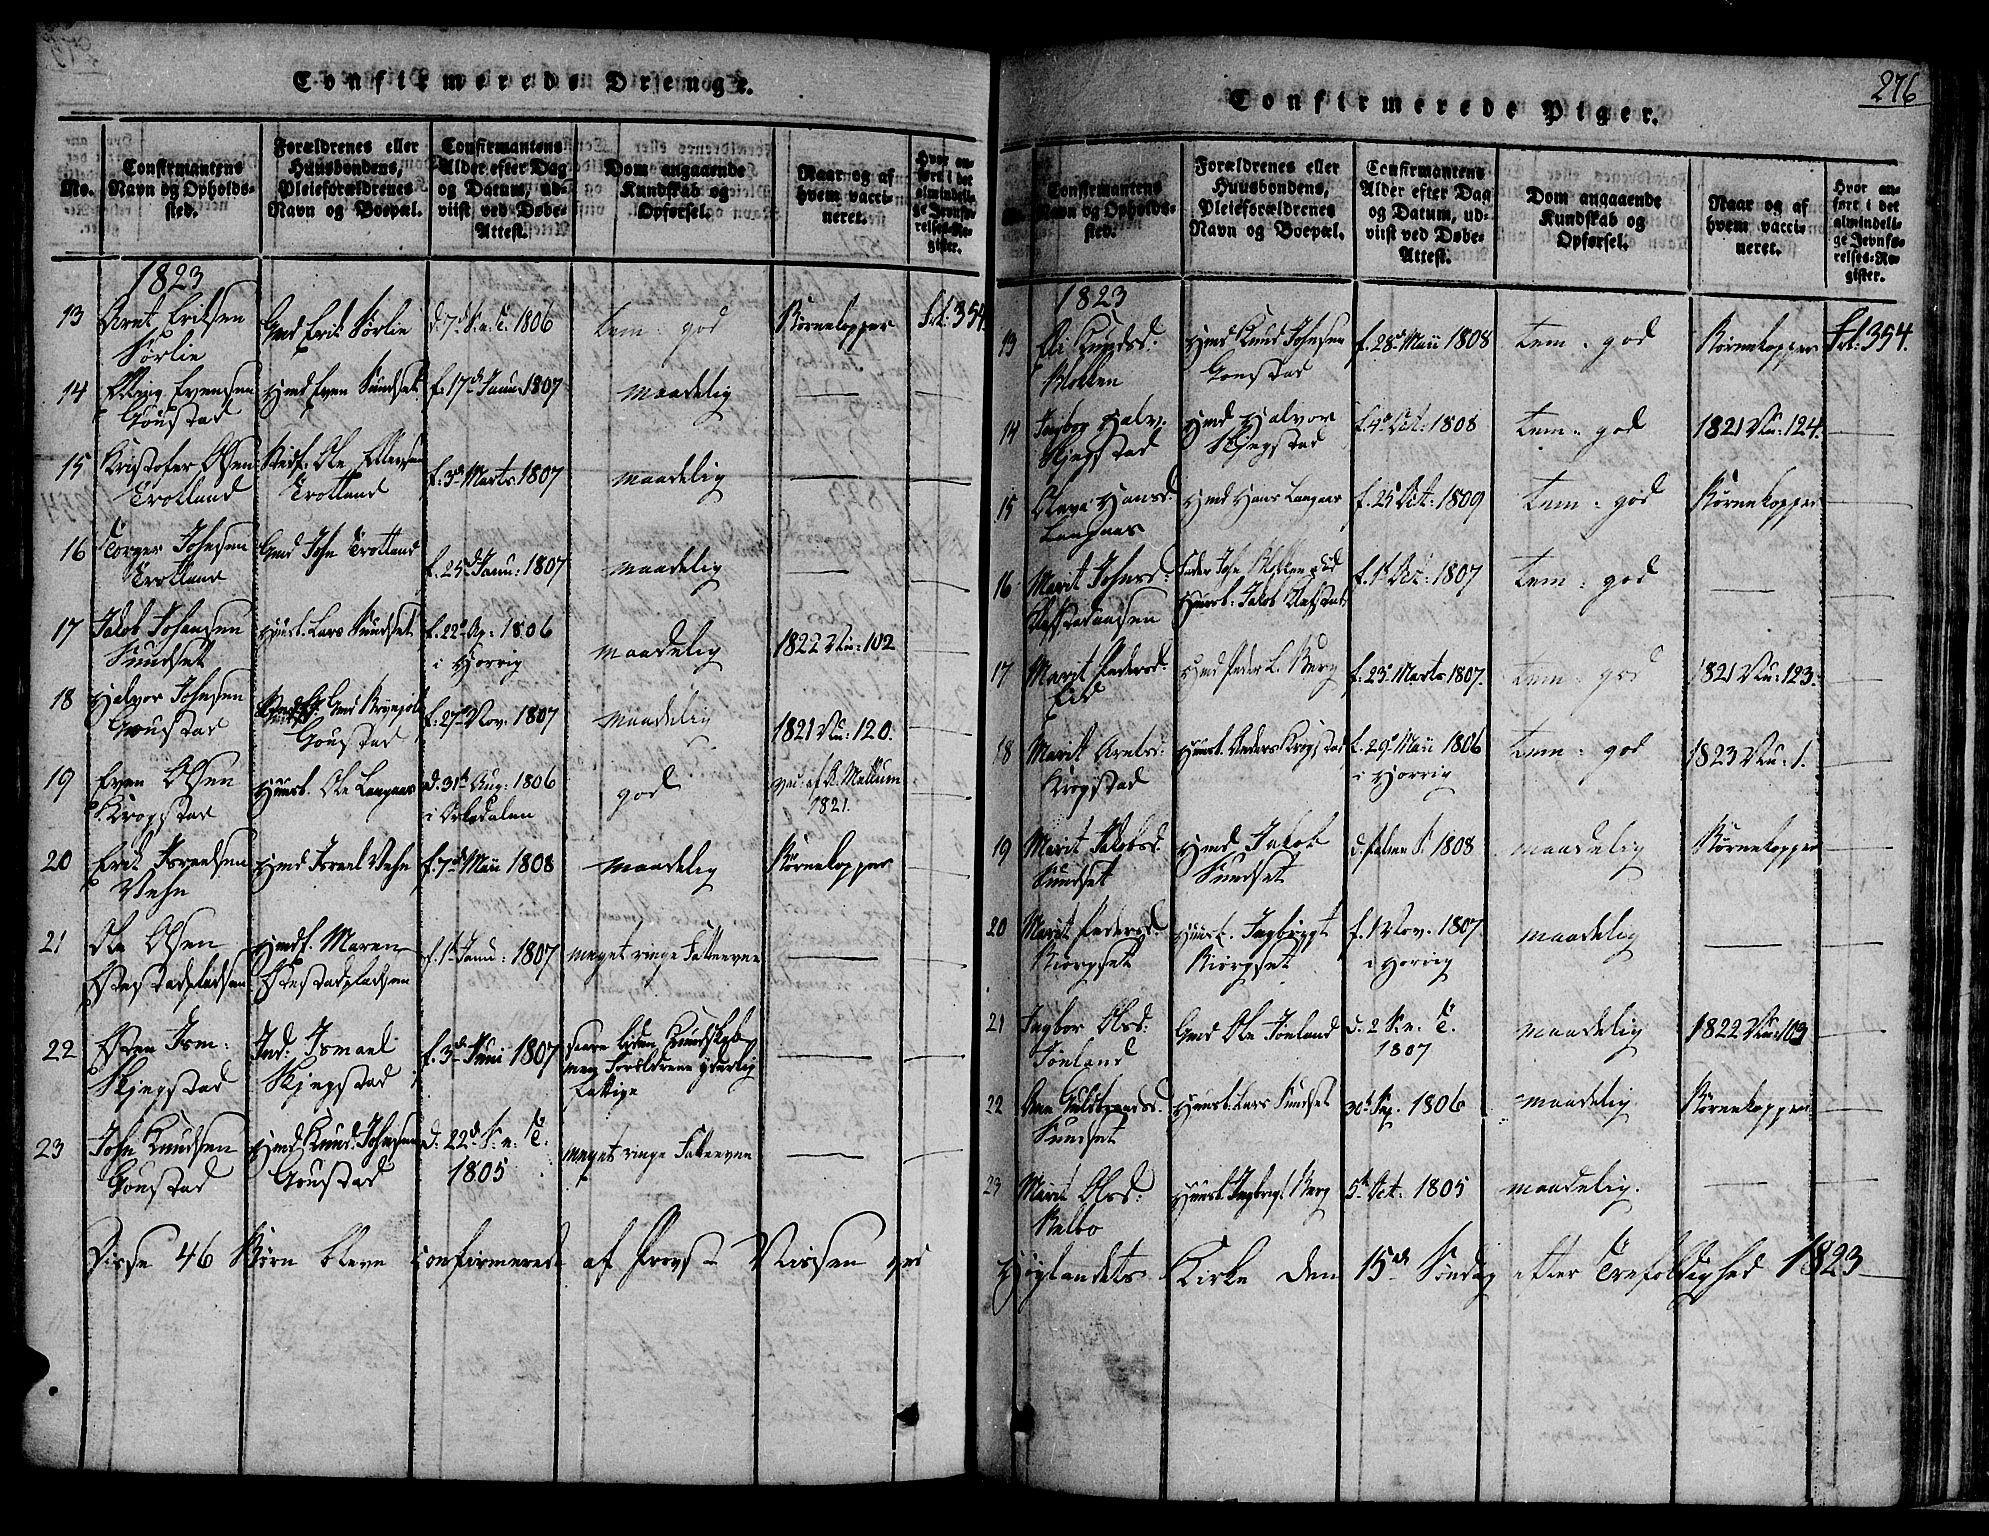 SAT, Ministerialprotokoller, klokkerbøker og fødselsregistre - Sør-Trøndelag, 691/L1068: Ministerialbok nr. 691A03 /4, 1816-1826, s. 276